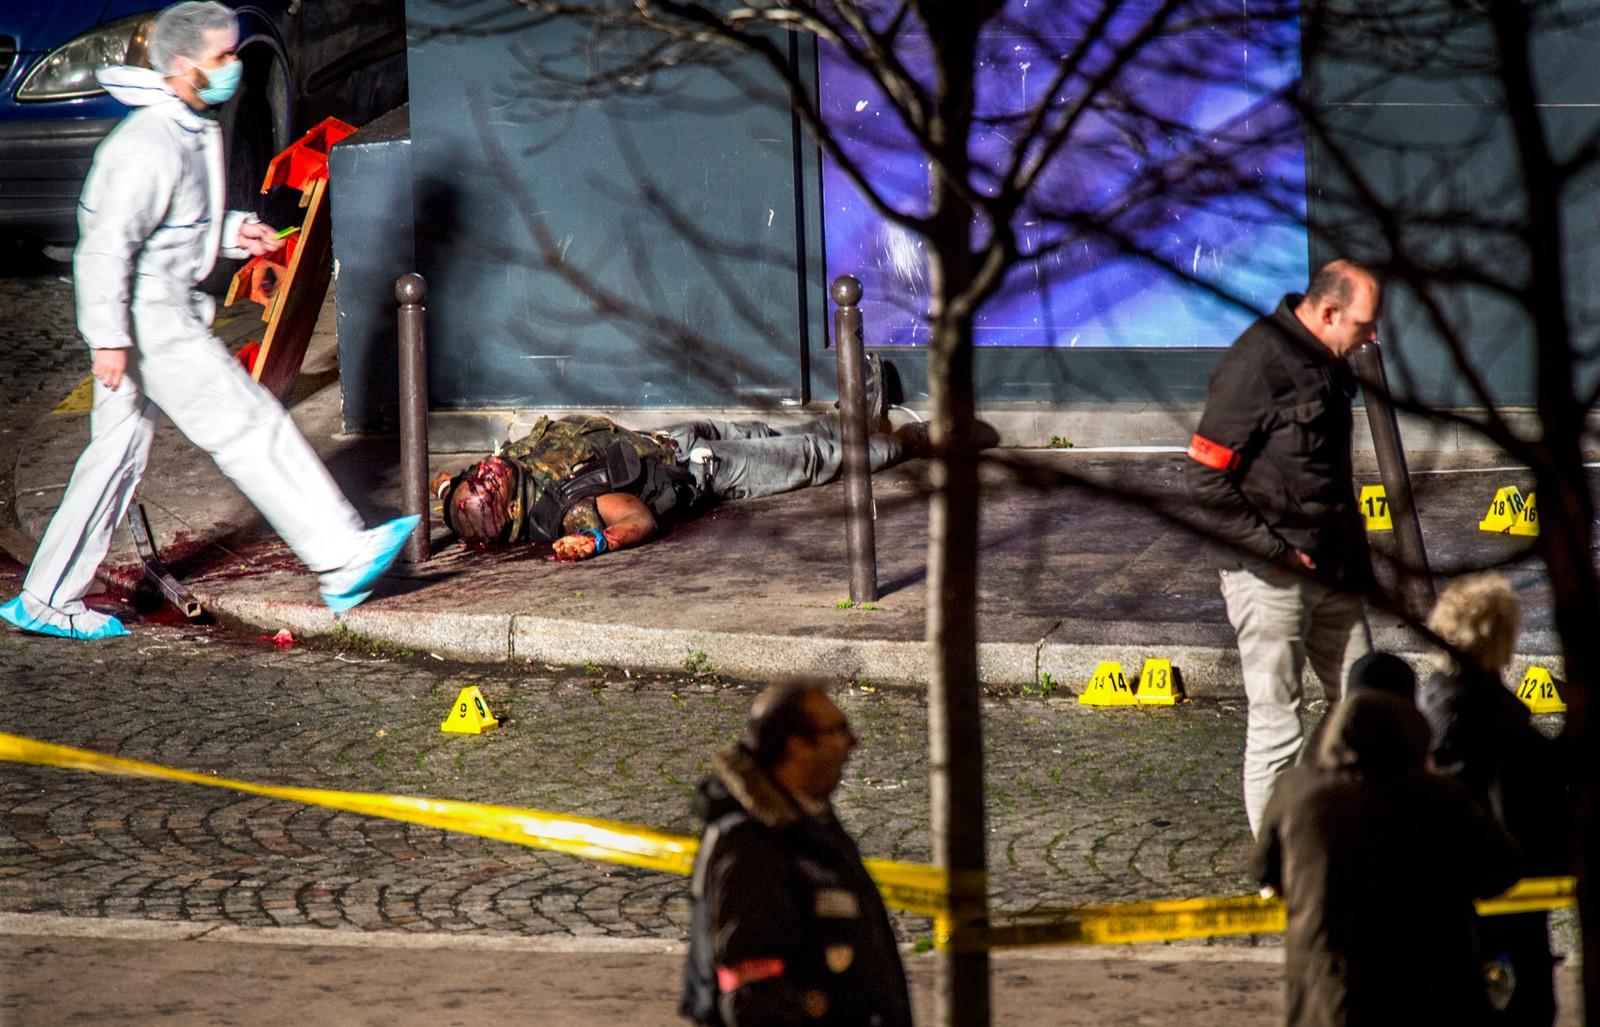 2. pris nyhet: Tre dager med terror i Paris er over. Angrepet mot satiremagasinet Charlie Hebdo var starten på et terrordøgn i Paris. Terroristen Amedy Coulibaly ligger drept på fortauet utenfor kosherbutikken Hyper Cacher. De tre terroristene drepte totalt 17 mennesker. Amedy Coulibaly ble begravet i en umerket grav i Paris. Juryens begrunnelse: Dette er «hardcore news». Fotografen er på rett sted til rett tid. Bildet er godt fordi fotografen har valgt å vise hele scenen. Terroristen som ligger død blir en del av miljøet og byen rundt. Vi blir også minnet på hvor viktig det er at fotojournalister dokumenterer slike hendelser. Historien kan ikke endres når det finnes fotografier.